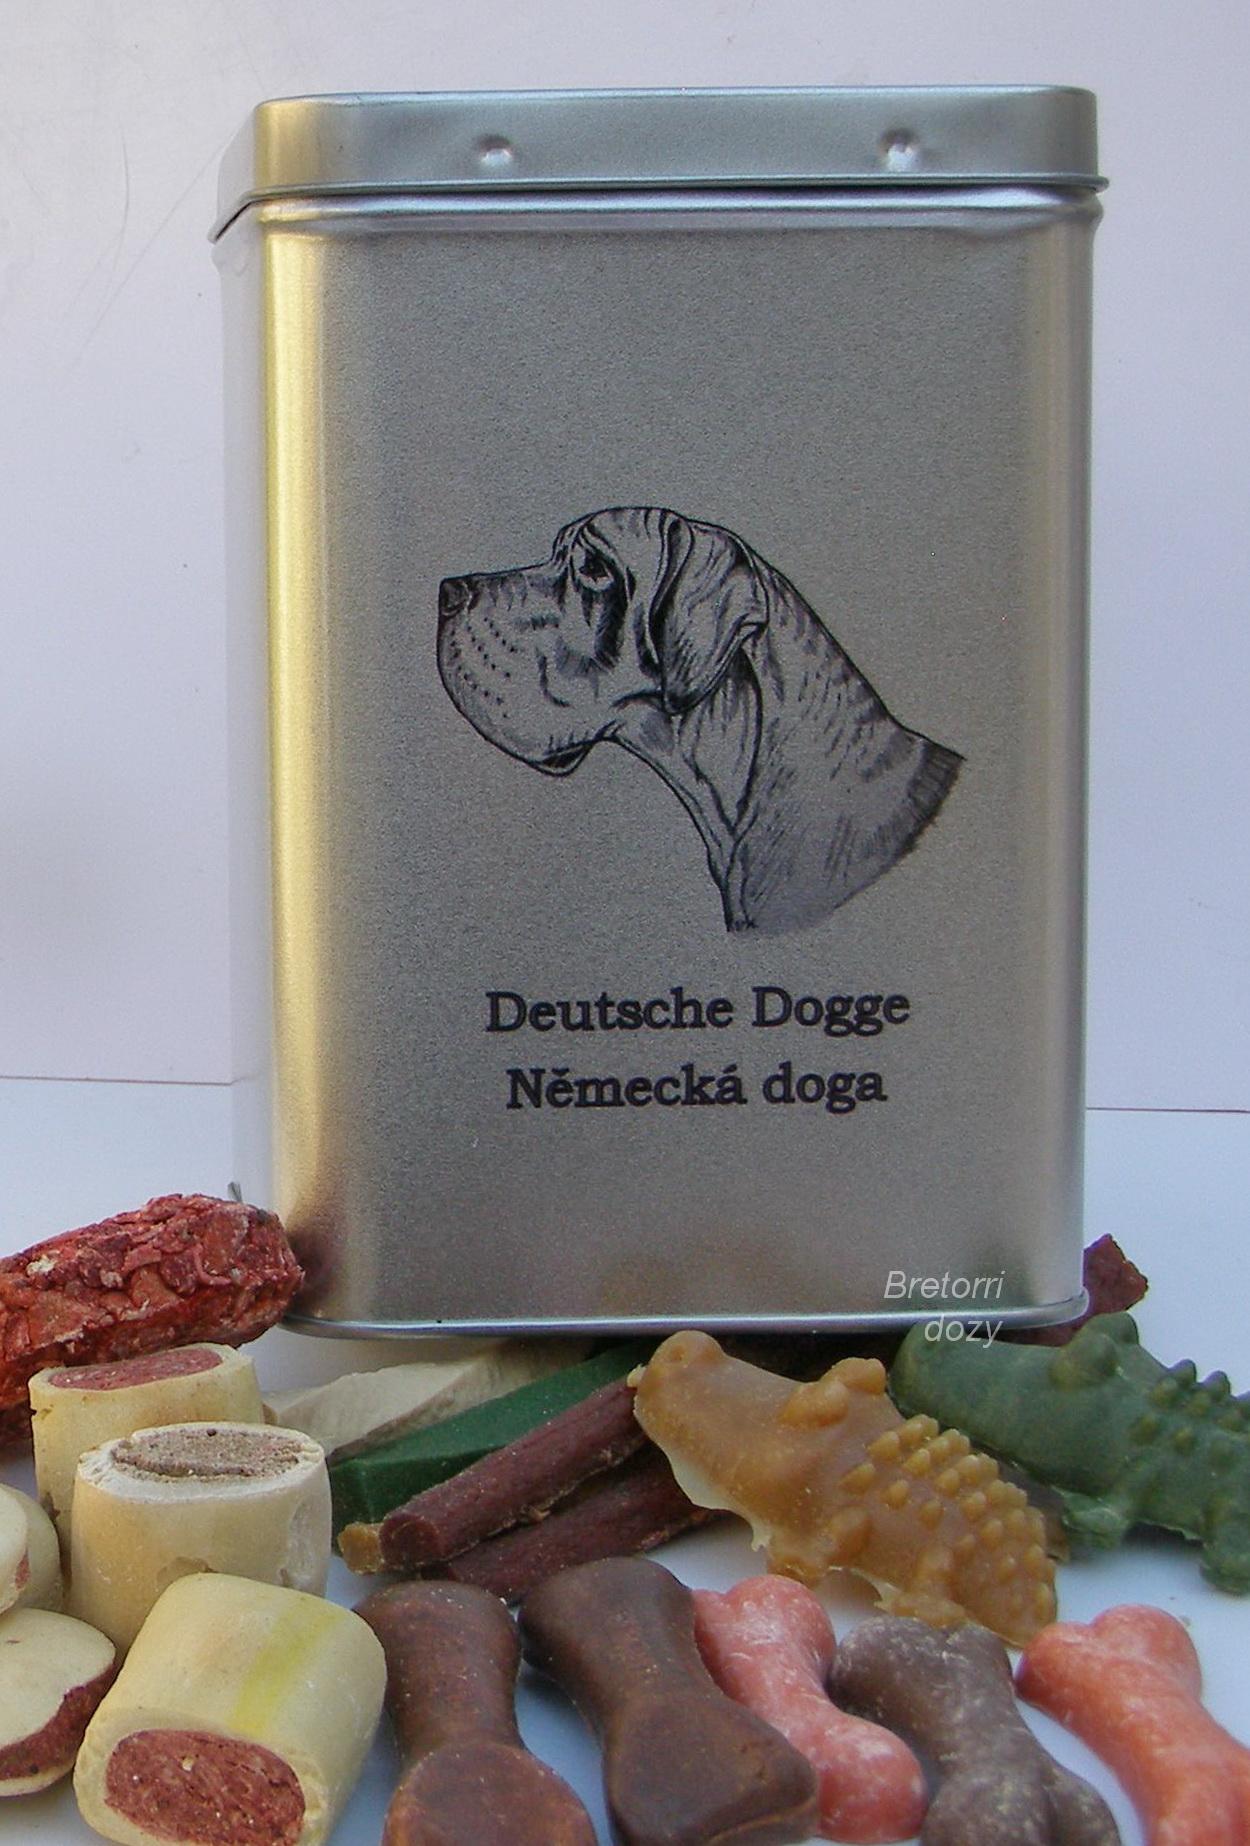 Německá doga - dóza s pamlsky pro psy 30 pamlsků